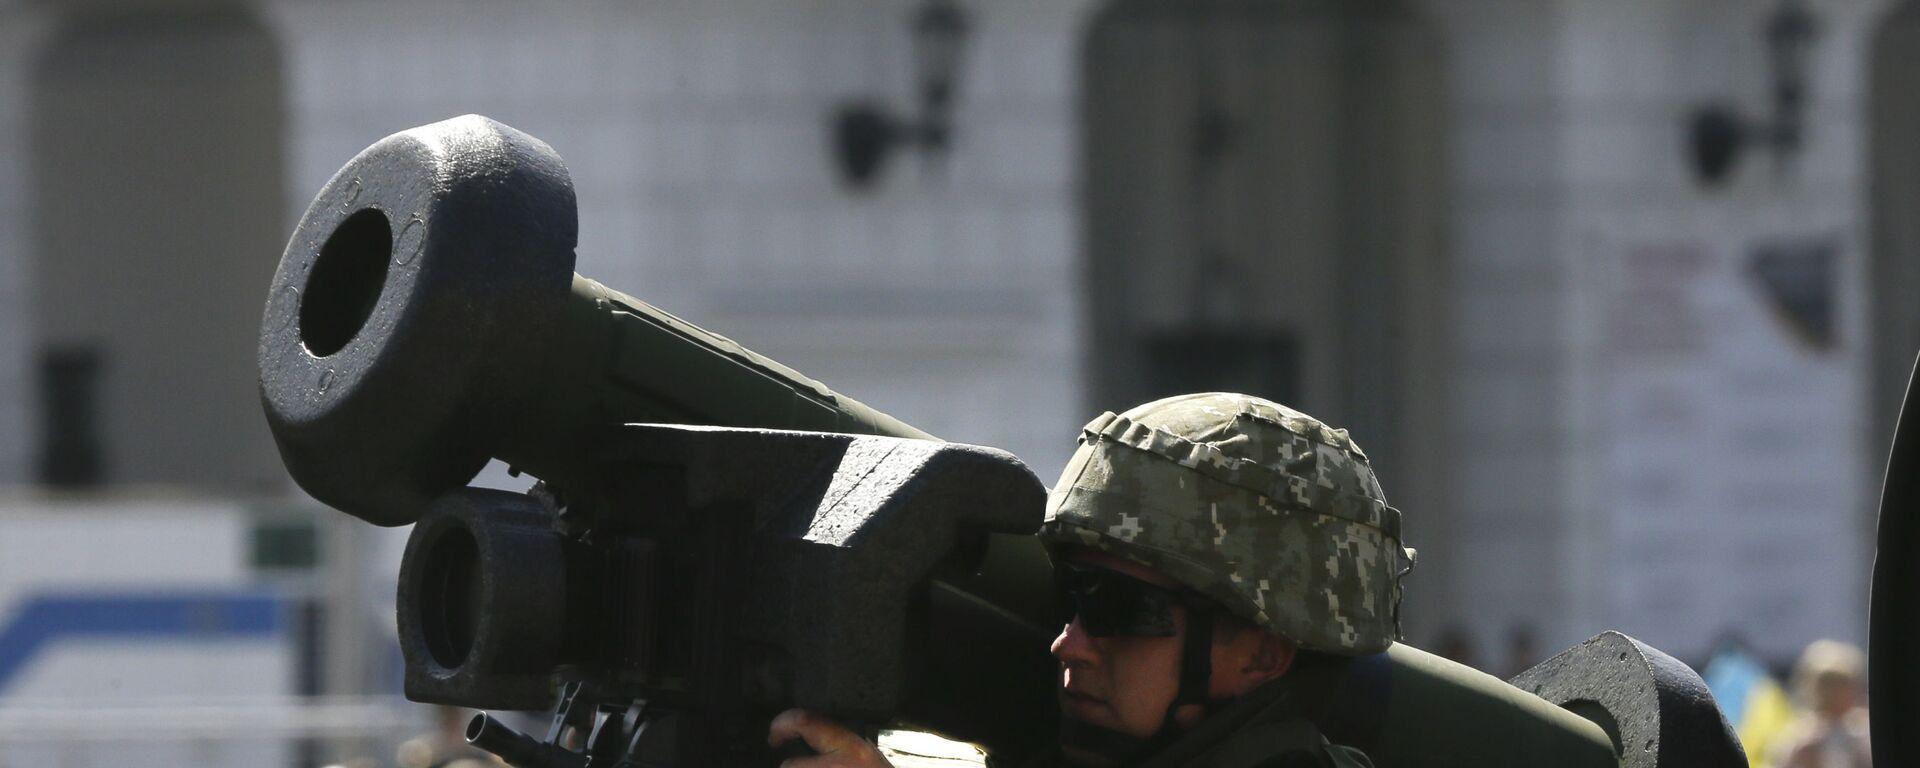 Ukraiński żołnierz z przenośnym systemem rakiet przeciwpancernych Javelin na defiladzie wojskowej w Kijowie - Sputnik Polska, 1920, 02.07.2020